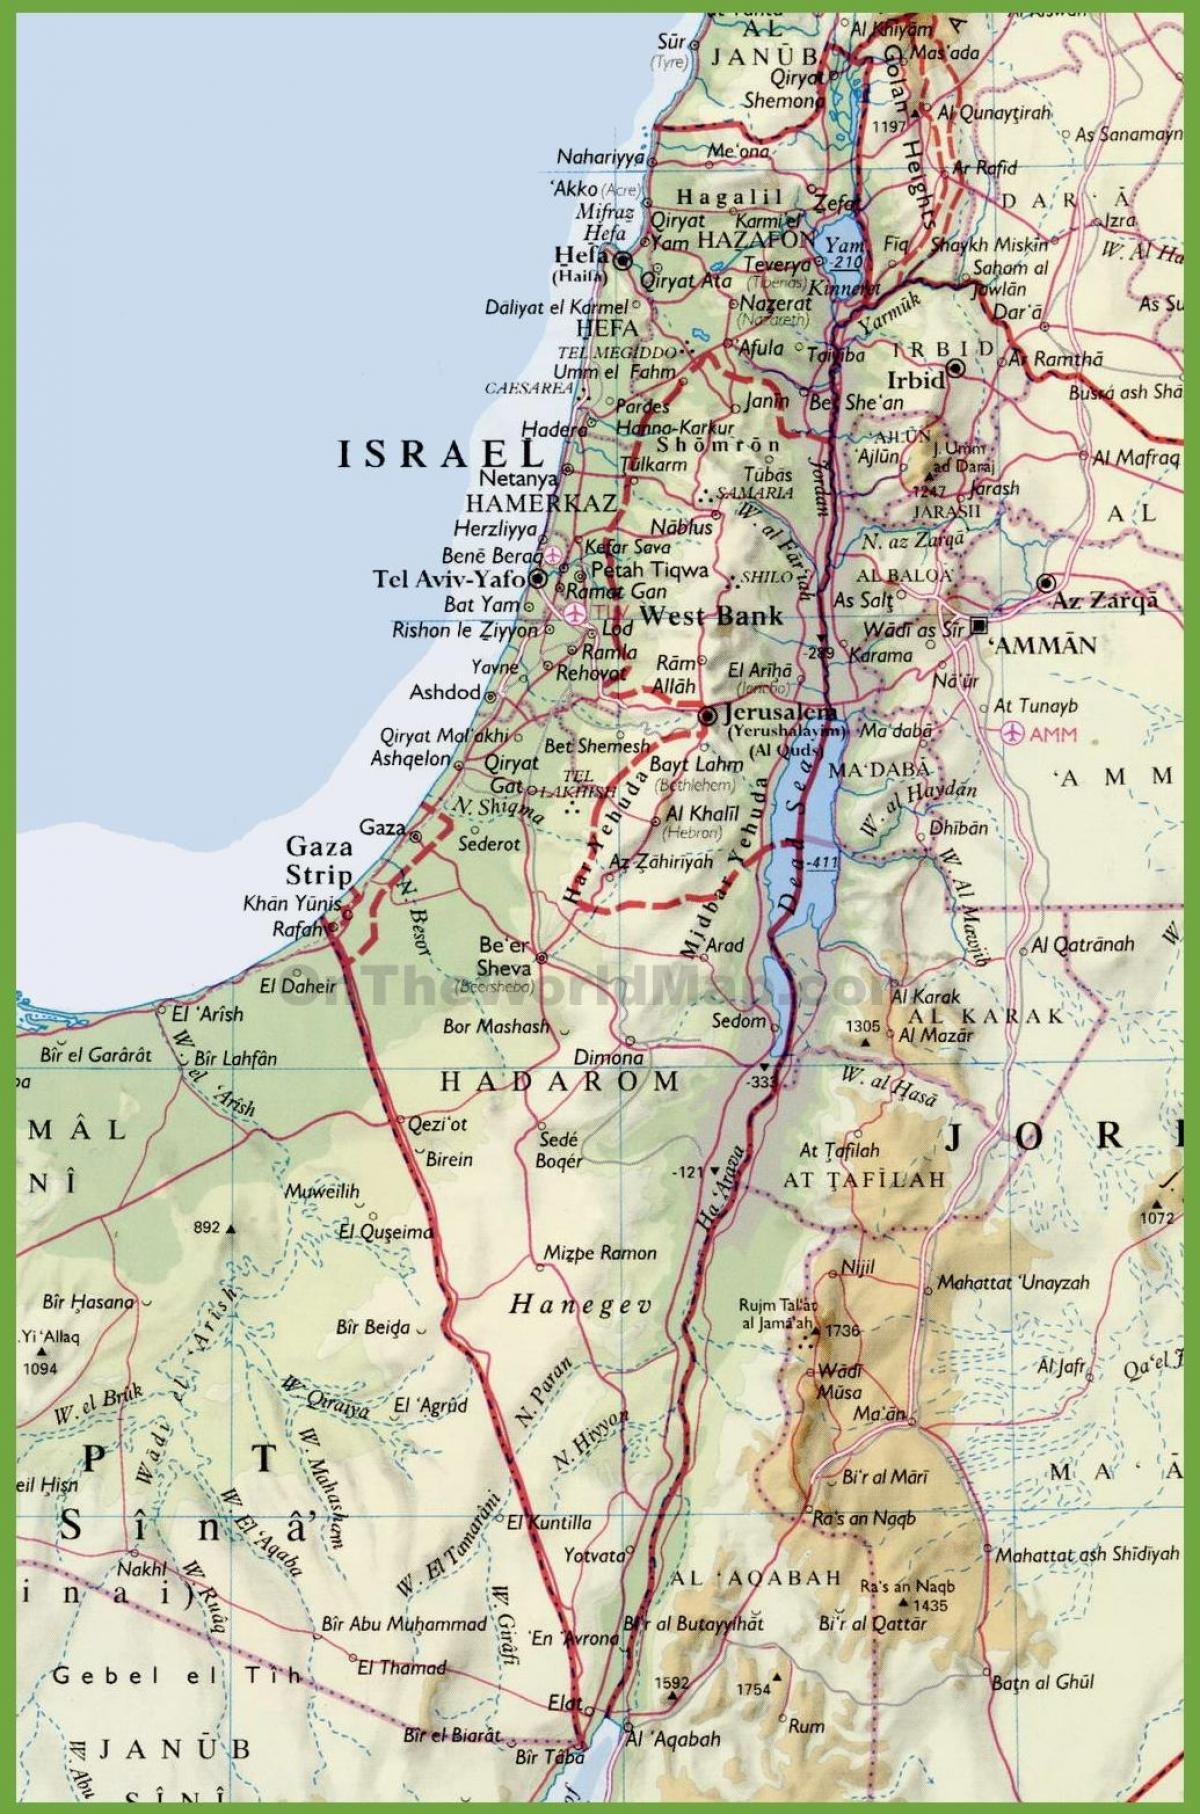 Israelin Kartta Israelin Kaupunkeja Kartta Lansi Aasia Aasia